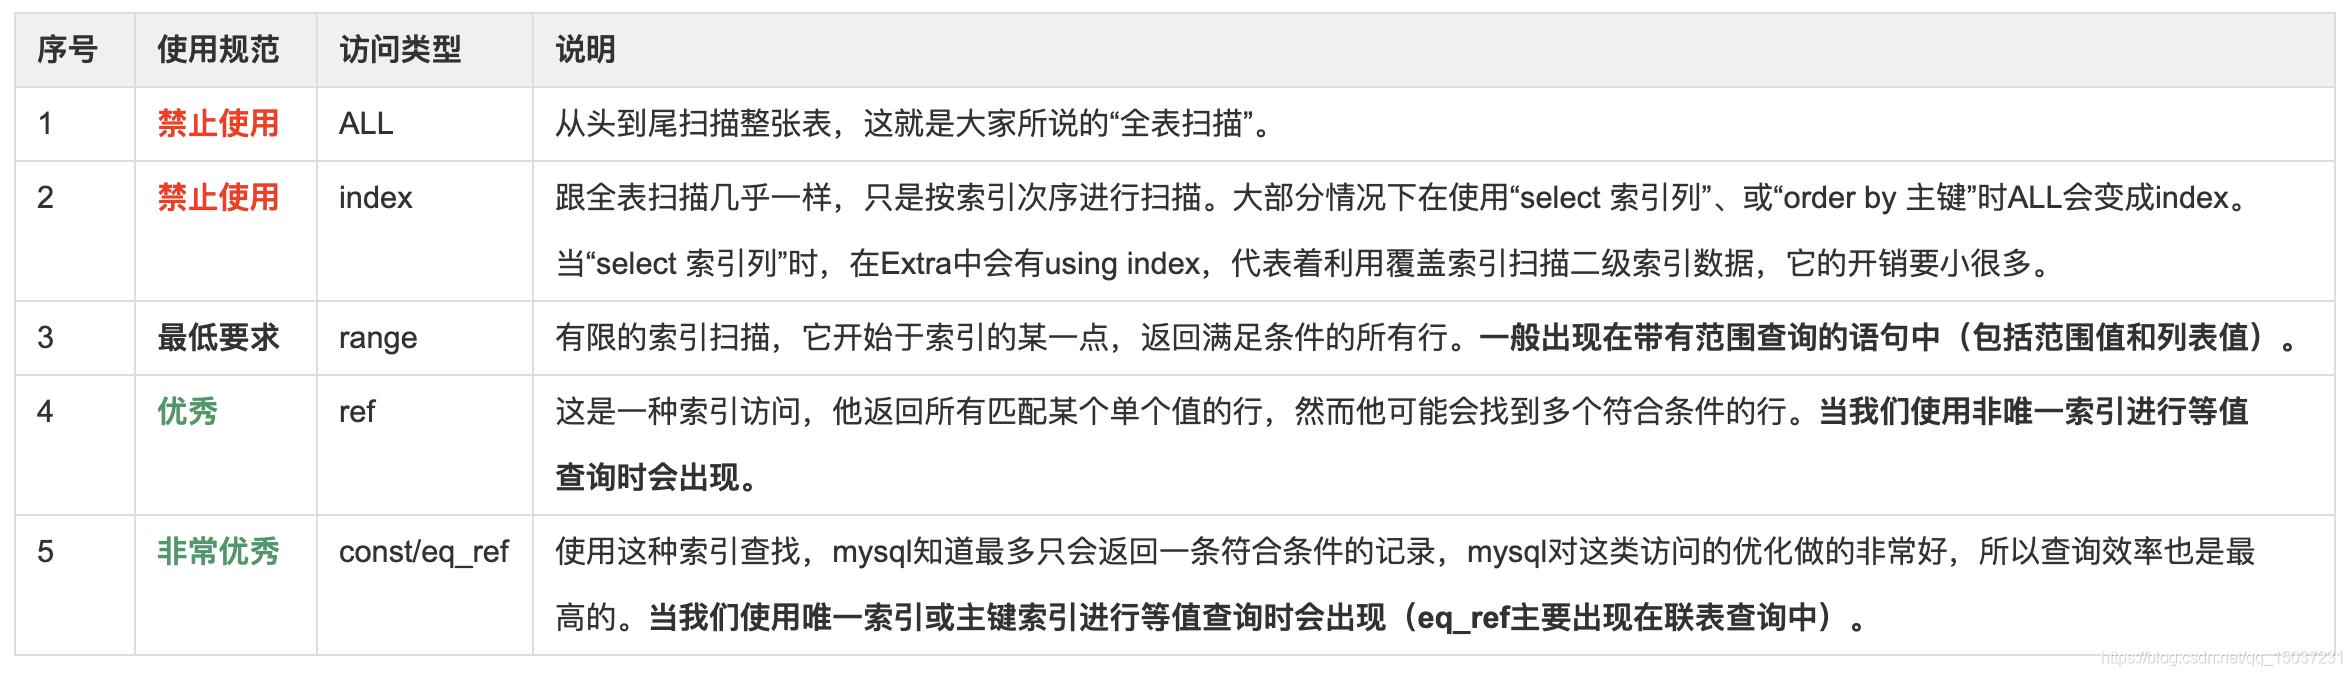 mysql中type的所有类型